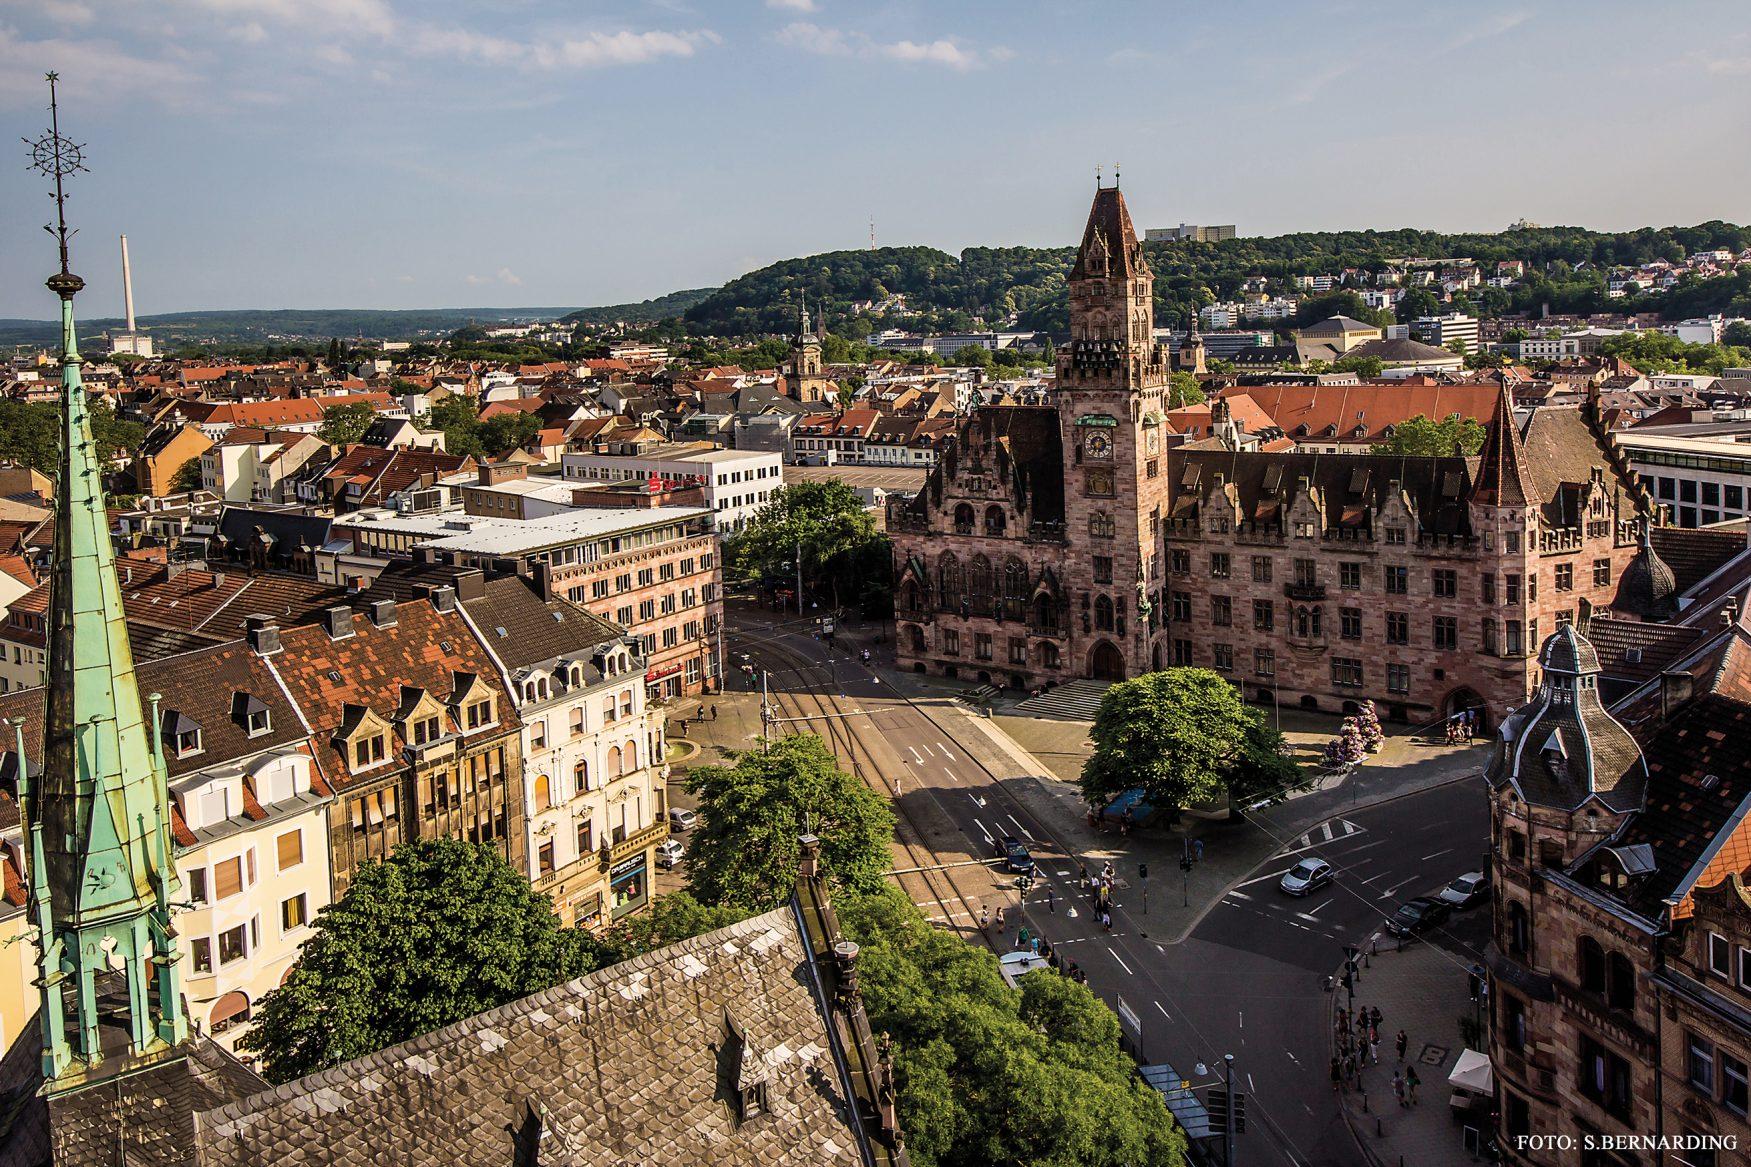 Blick auf das Rathaus von Saarbrücken, © F. Bernarding / TZS